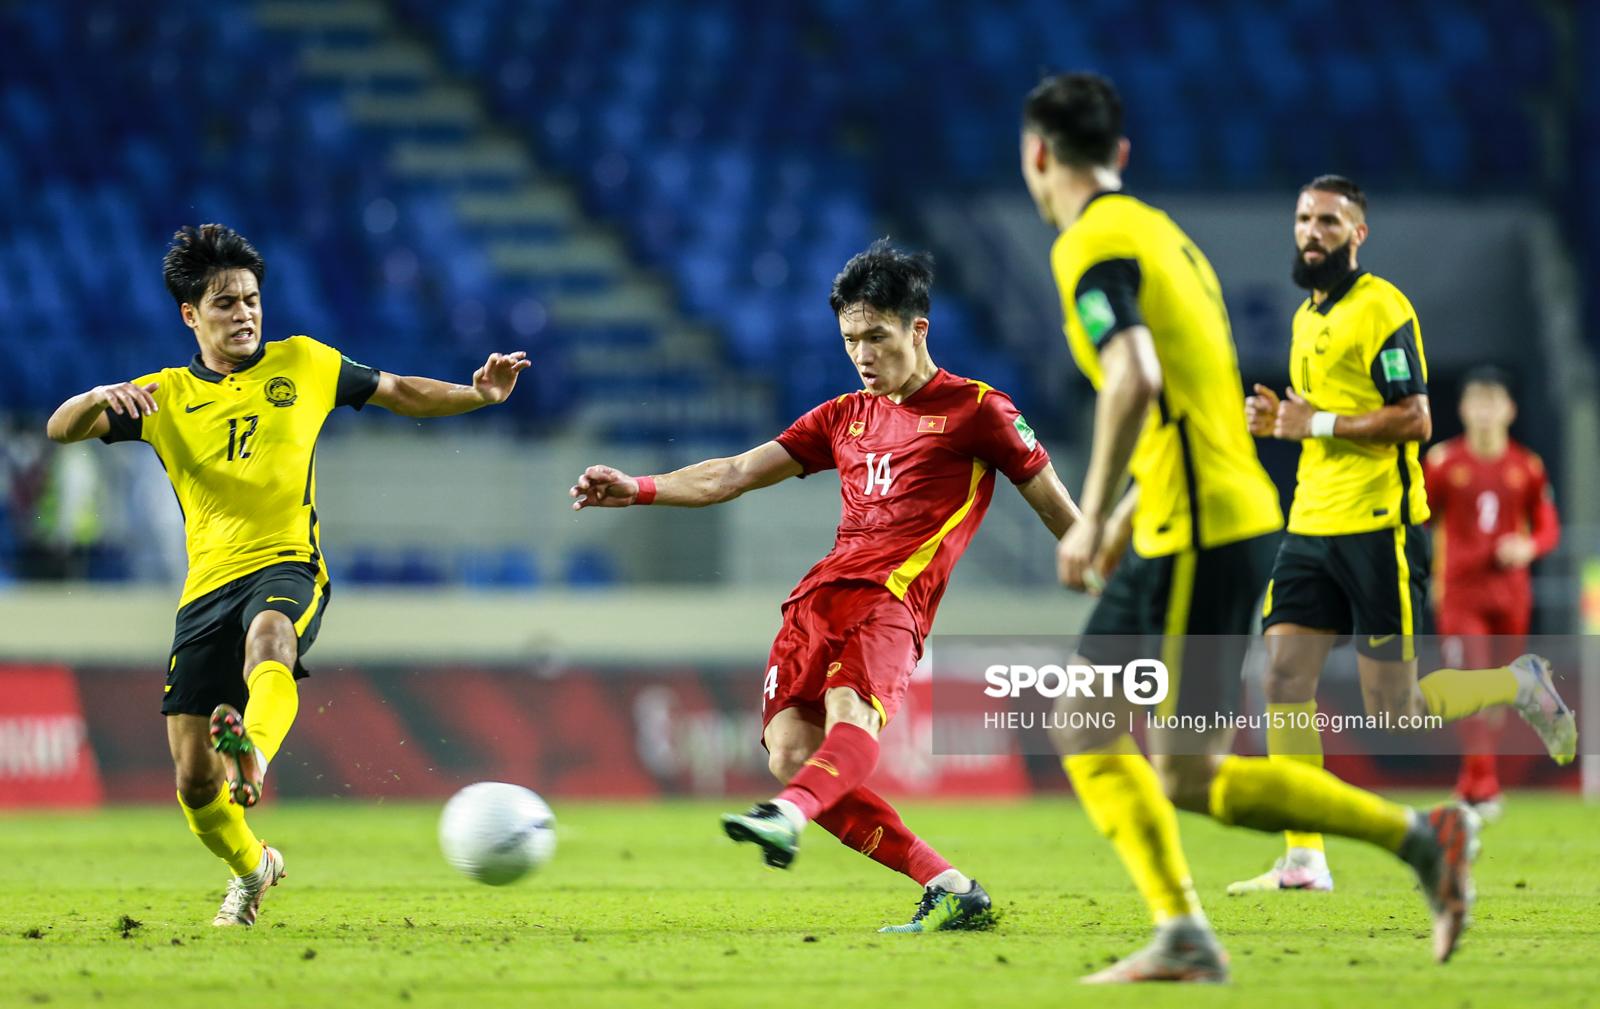 Hoàng Đức chơi hay bất ngờ, thay thế hoàn hảo cho Tuấn Anh ở tuyển Việt Nam - Ảnh 4.